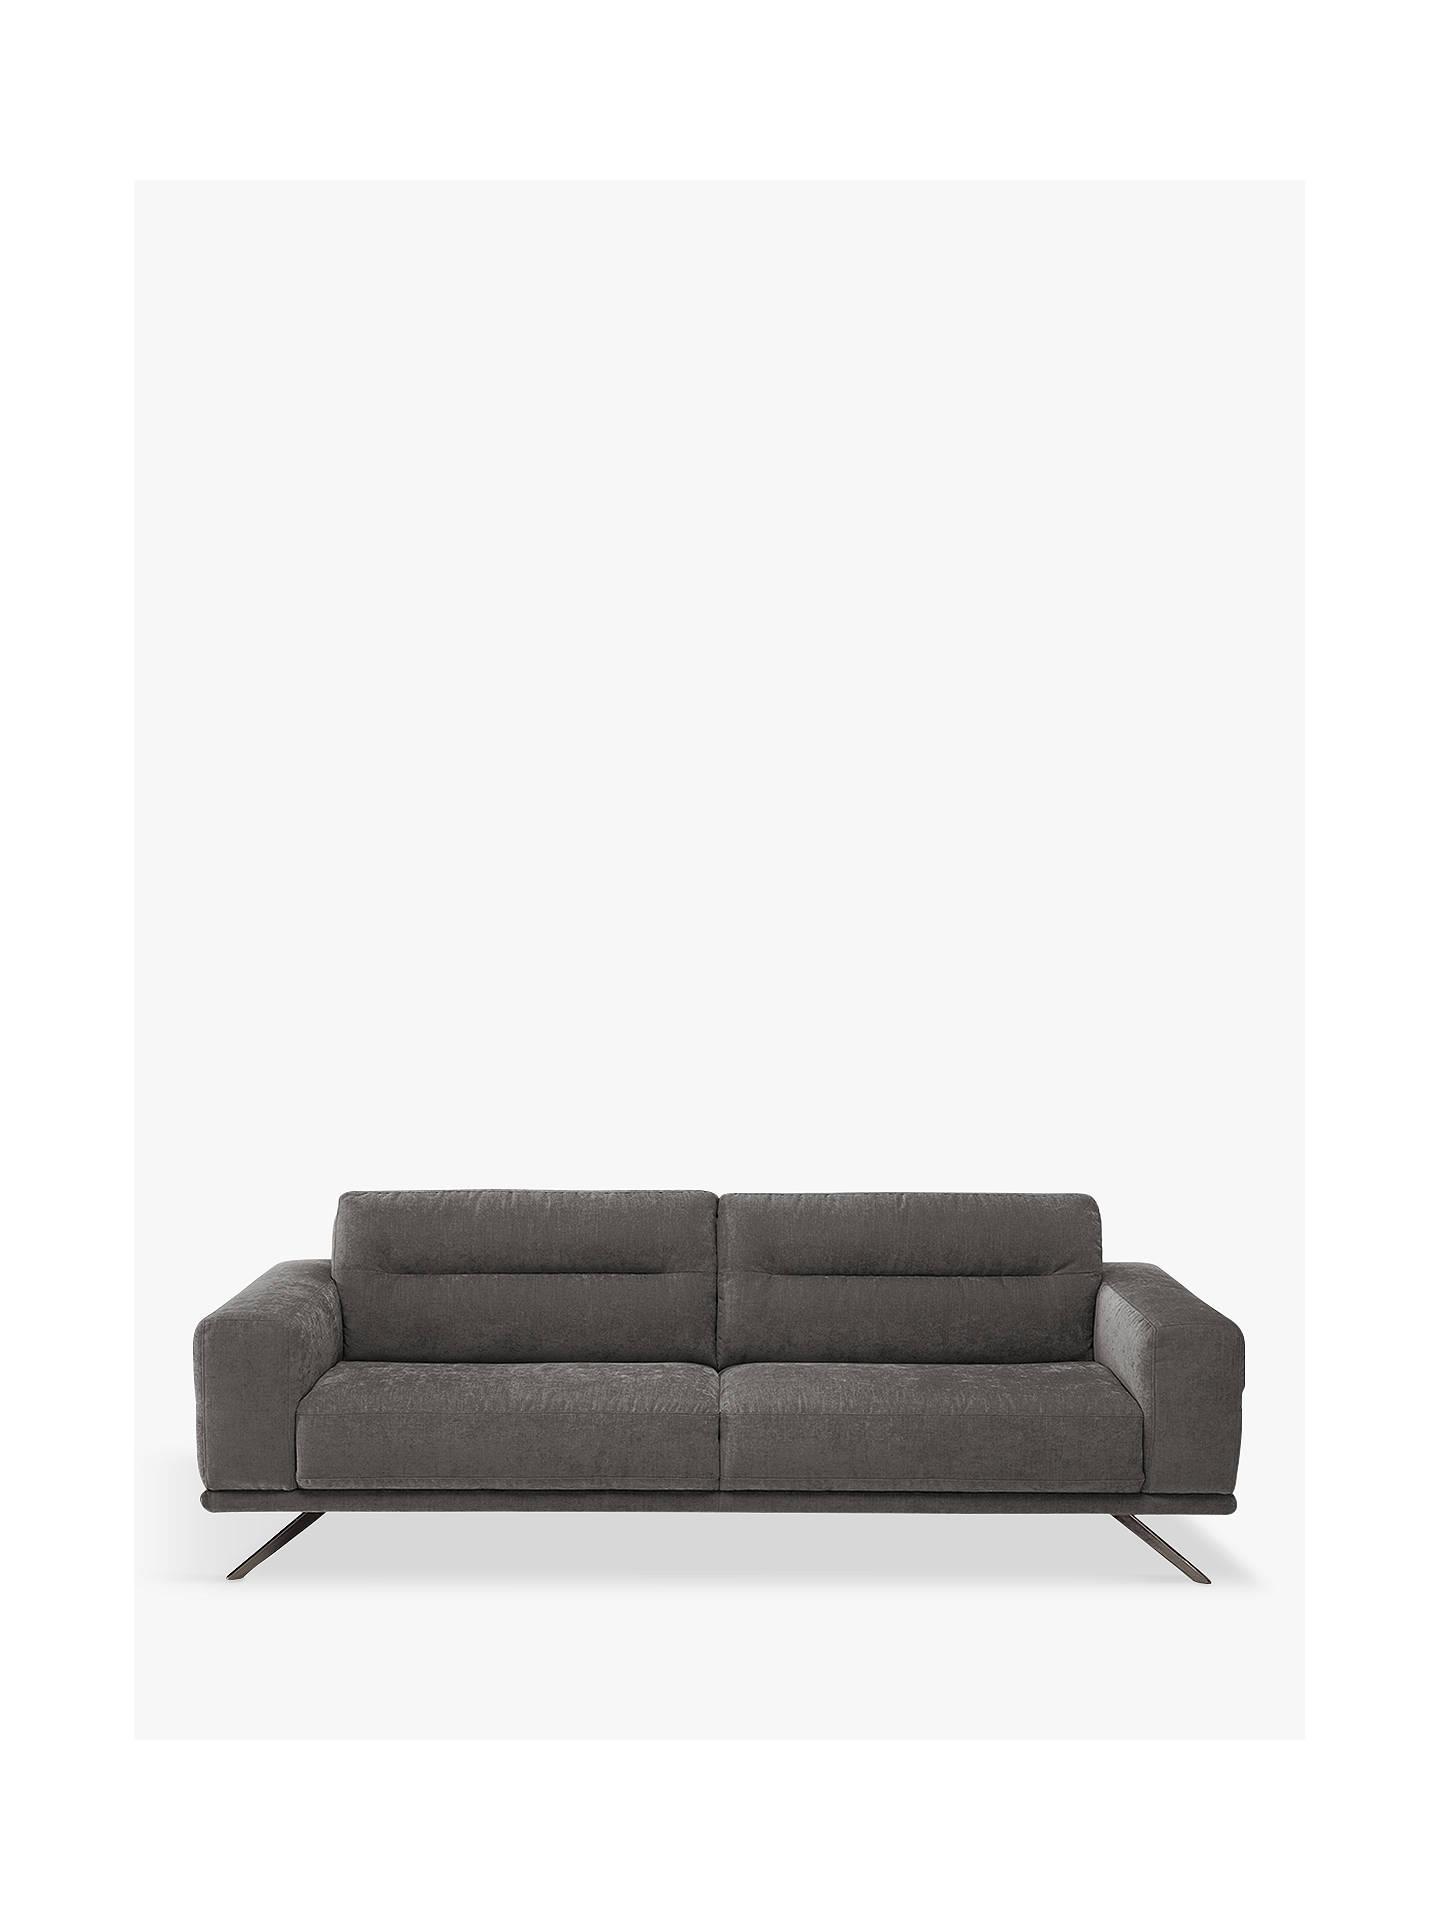 Natuzzi Timido 009 Large 3 Seater Fabric Sofa, Chrome Leg at ...